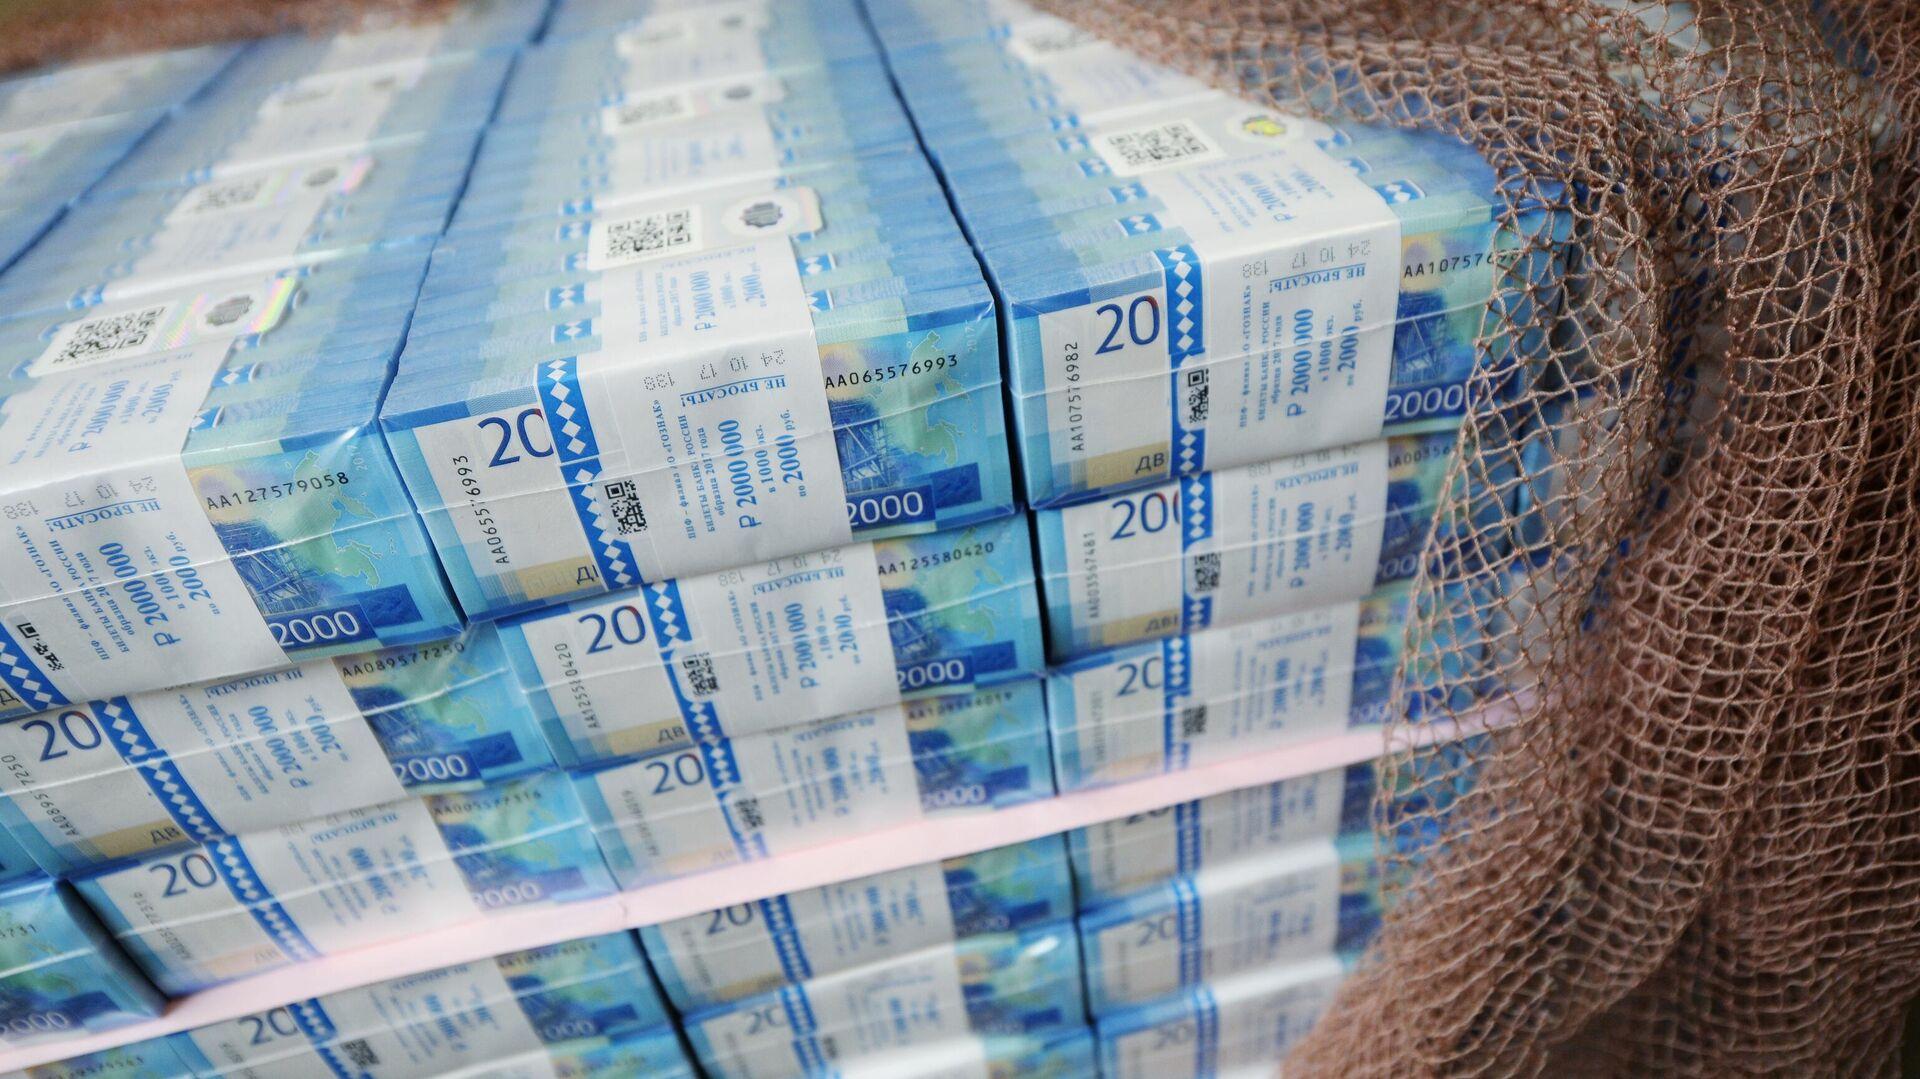 Пачки с денежными купюрами номиналом 2000 рублей - РИА Новости, 1920, 23.07.2021